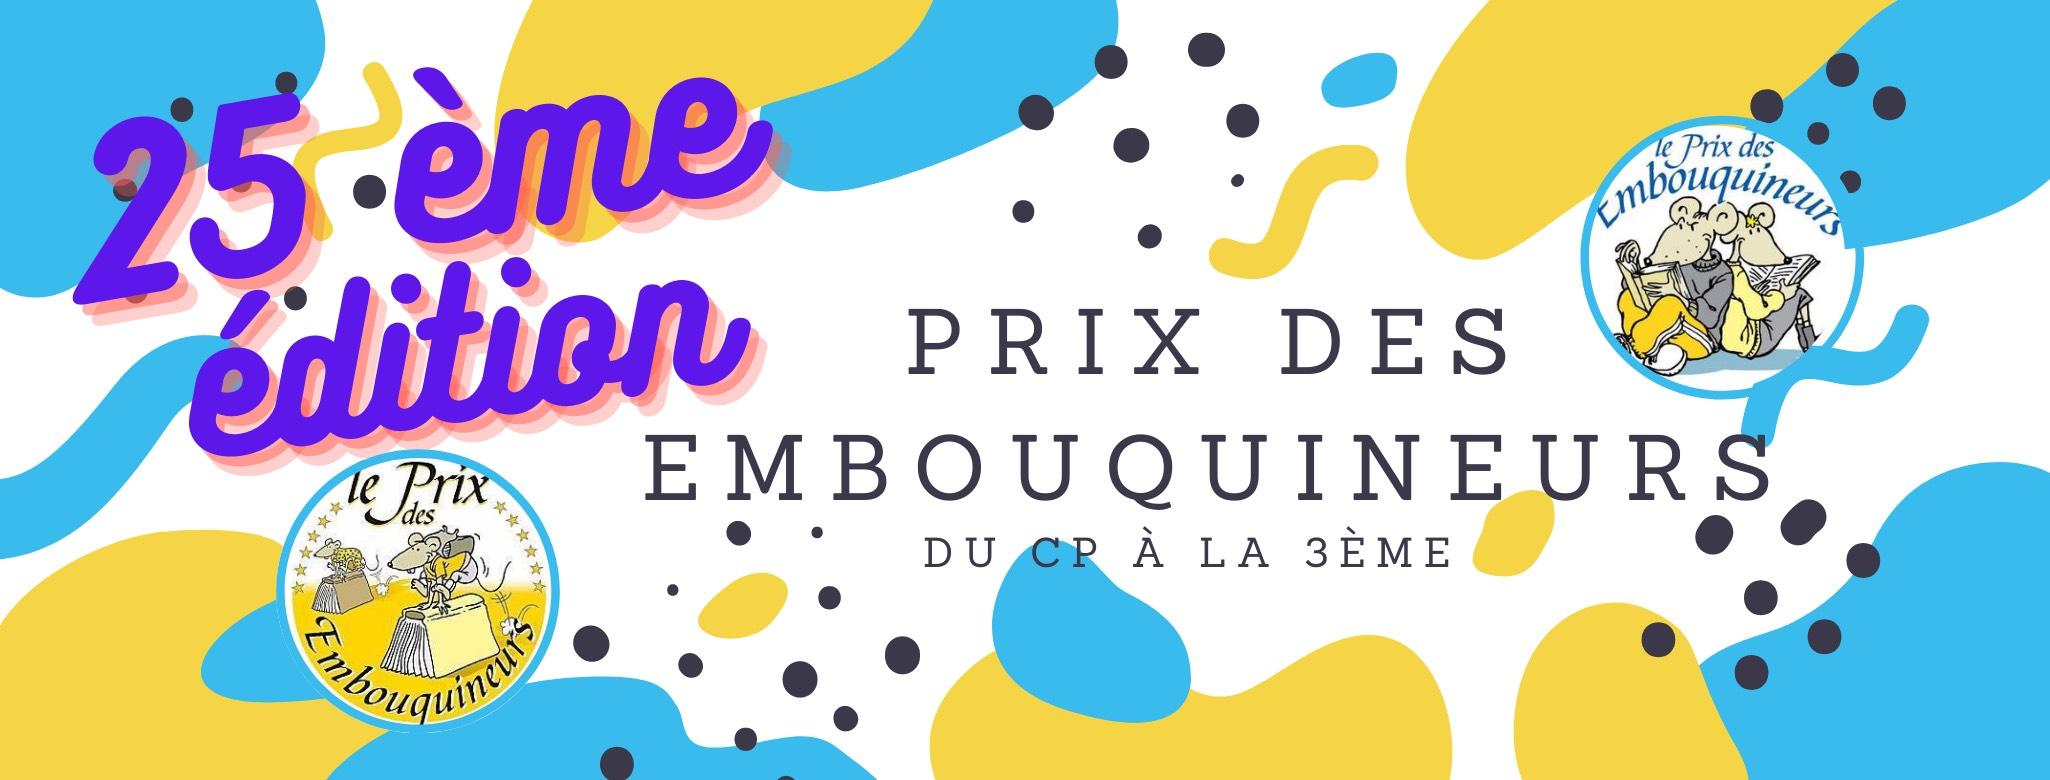 Prix des Embouquineurs 2020-2021